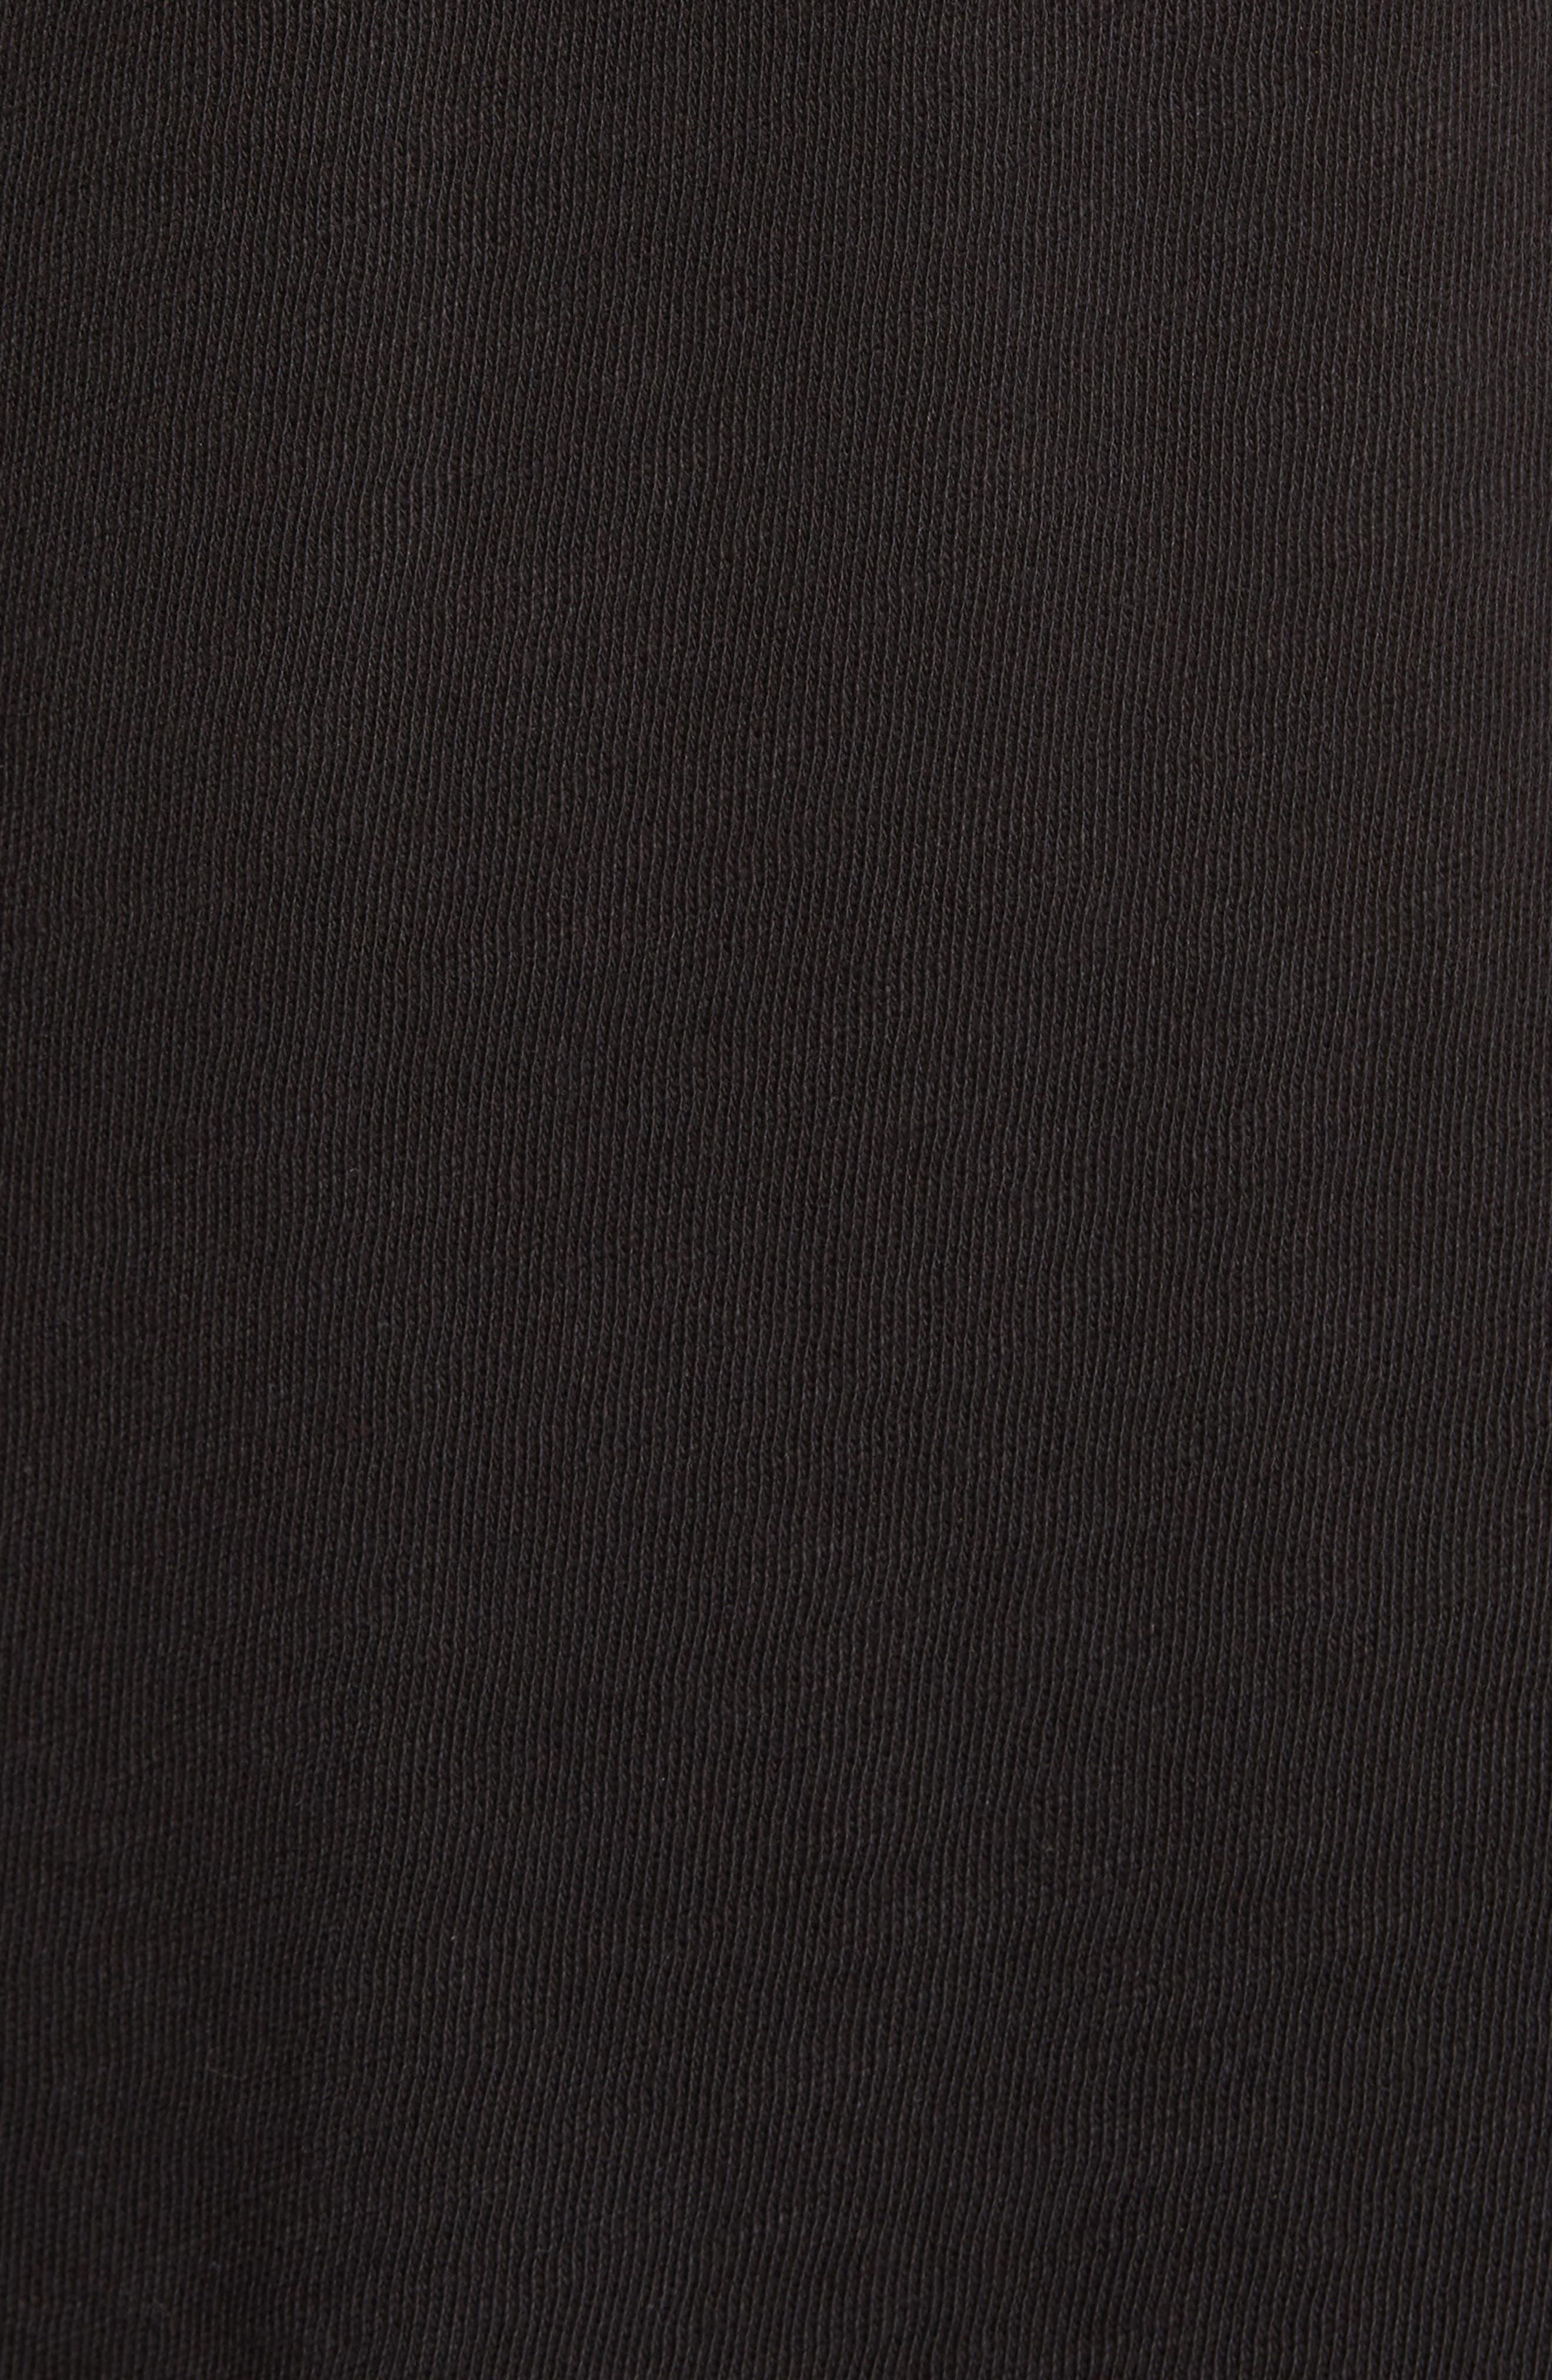 Denim Goods T-Shirt,                             Alternate thumbnail 5, color,                             001